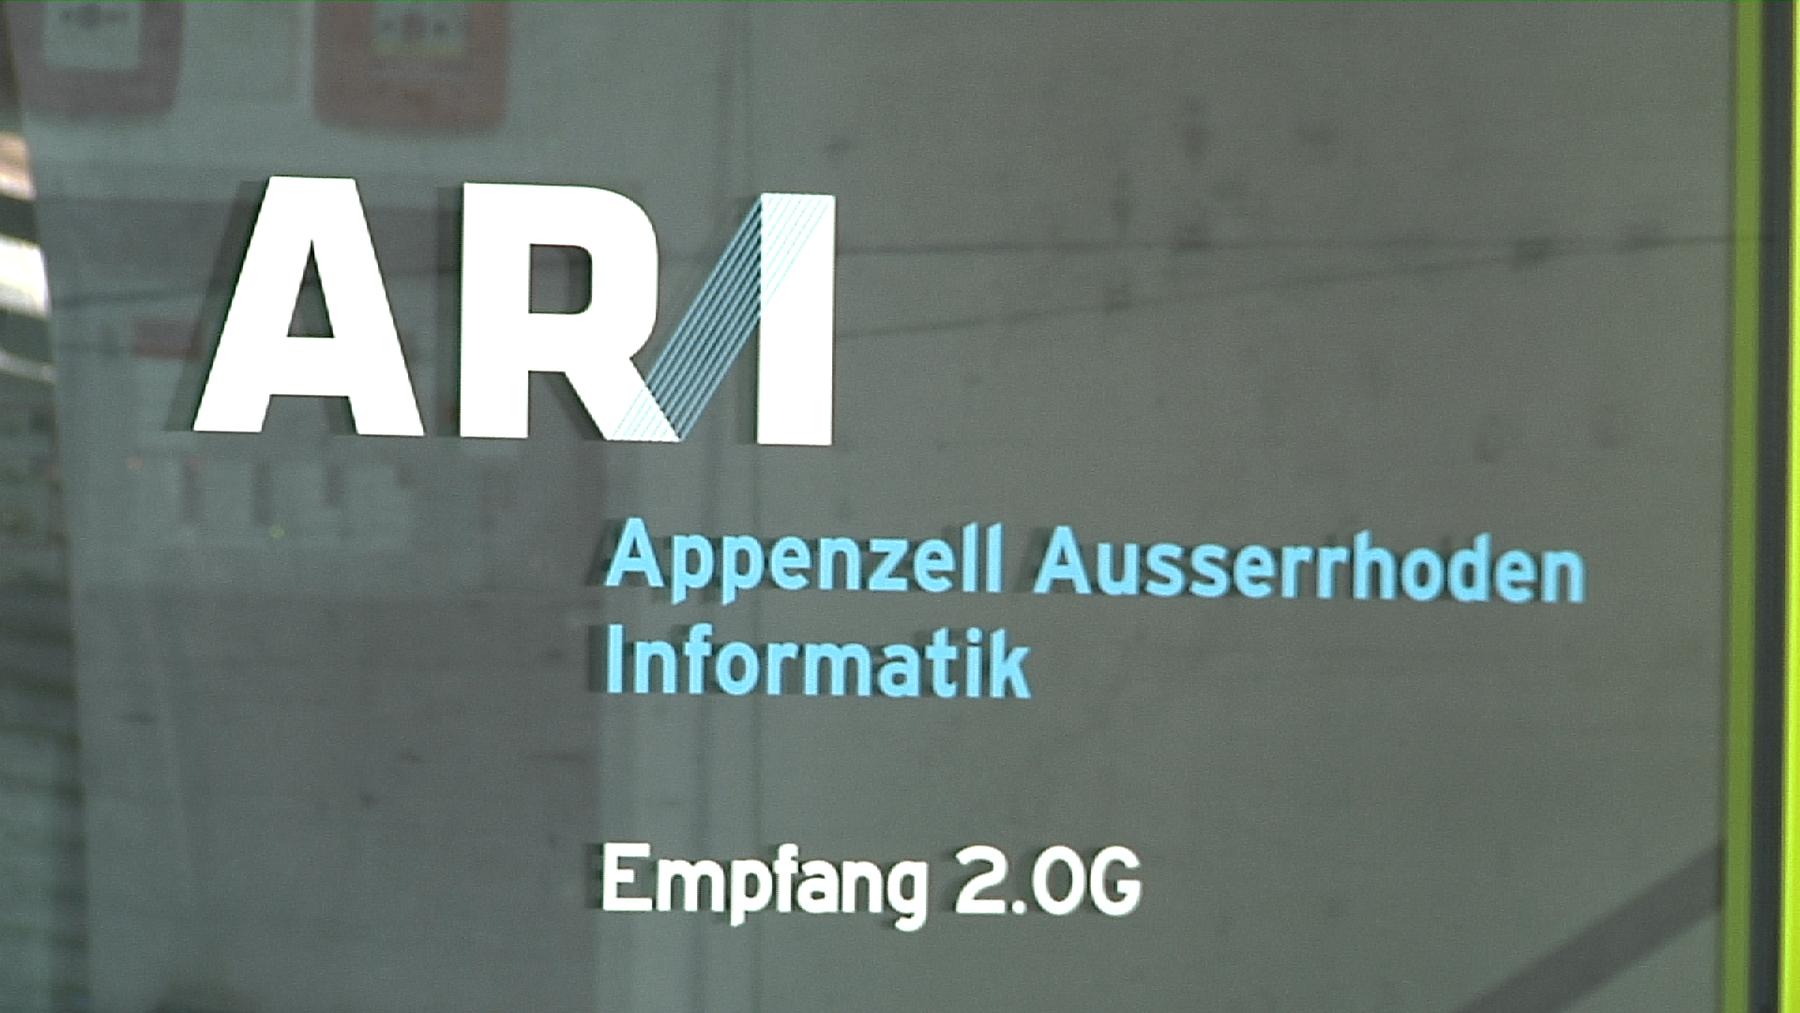 Appenzell Ausserrhoden Informatik.